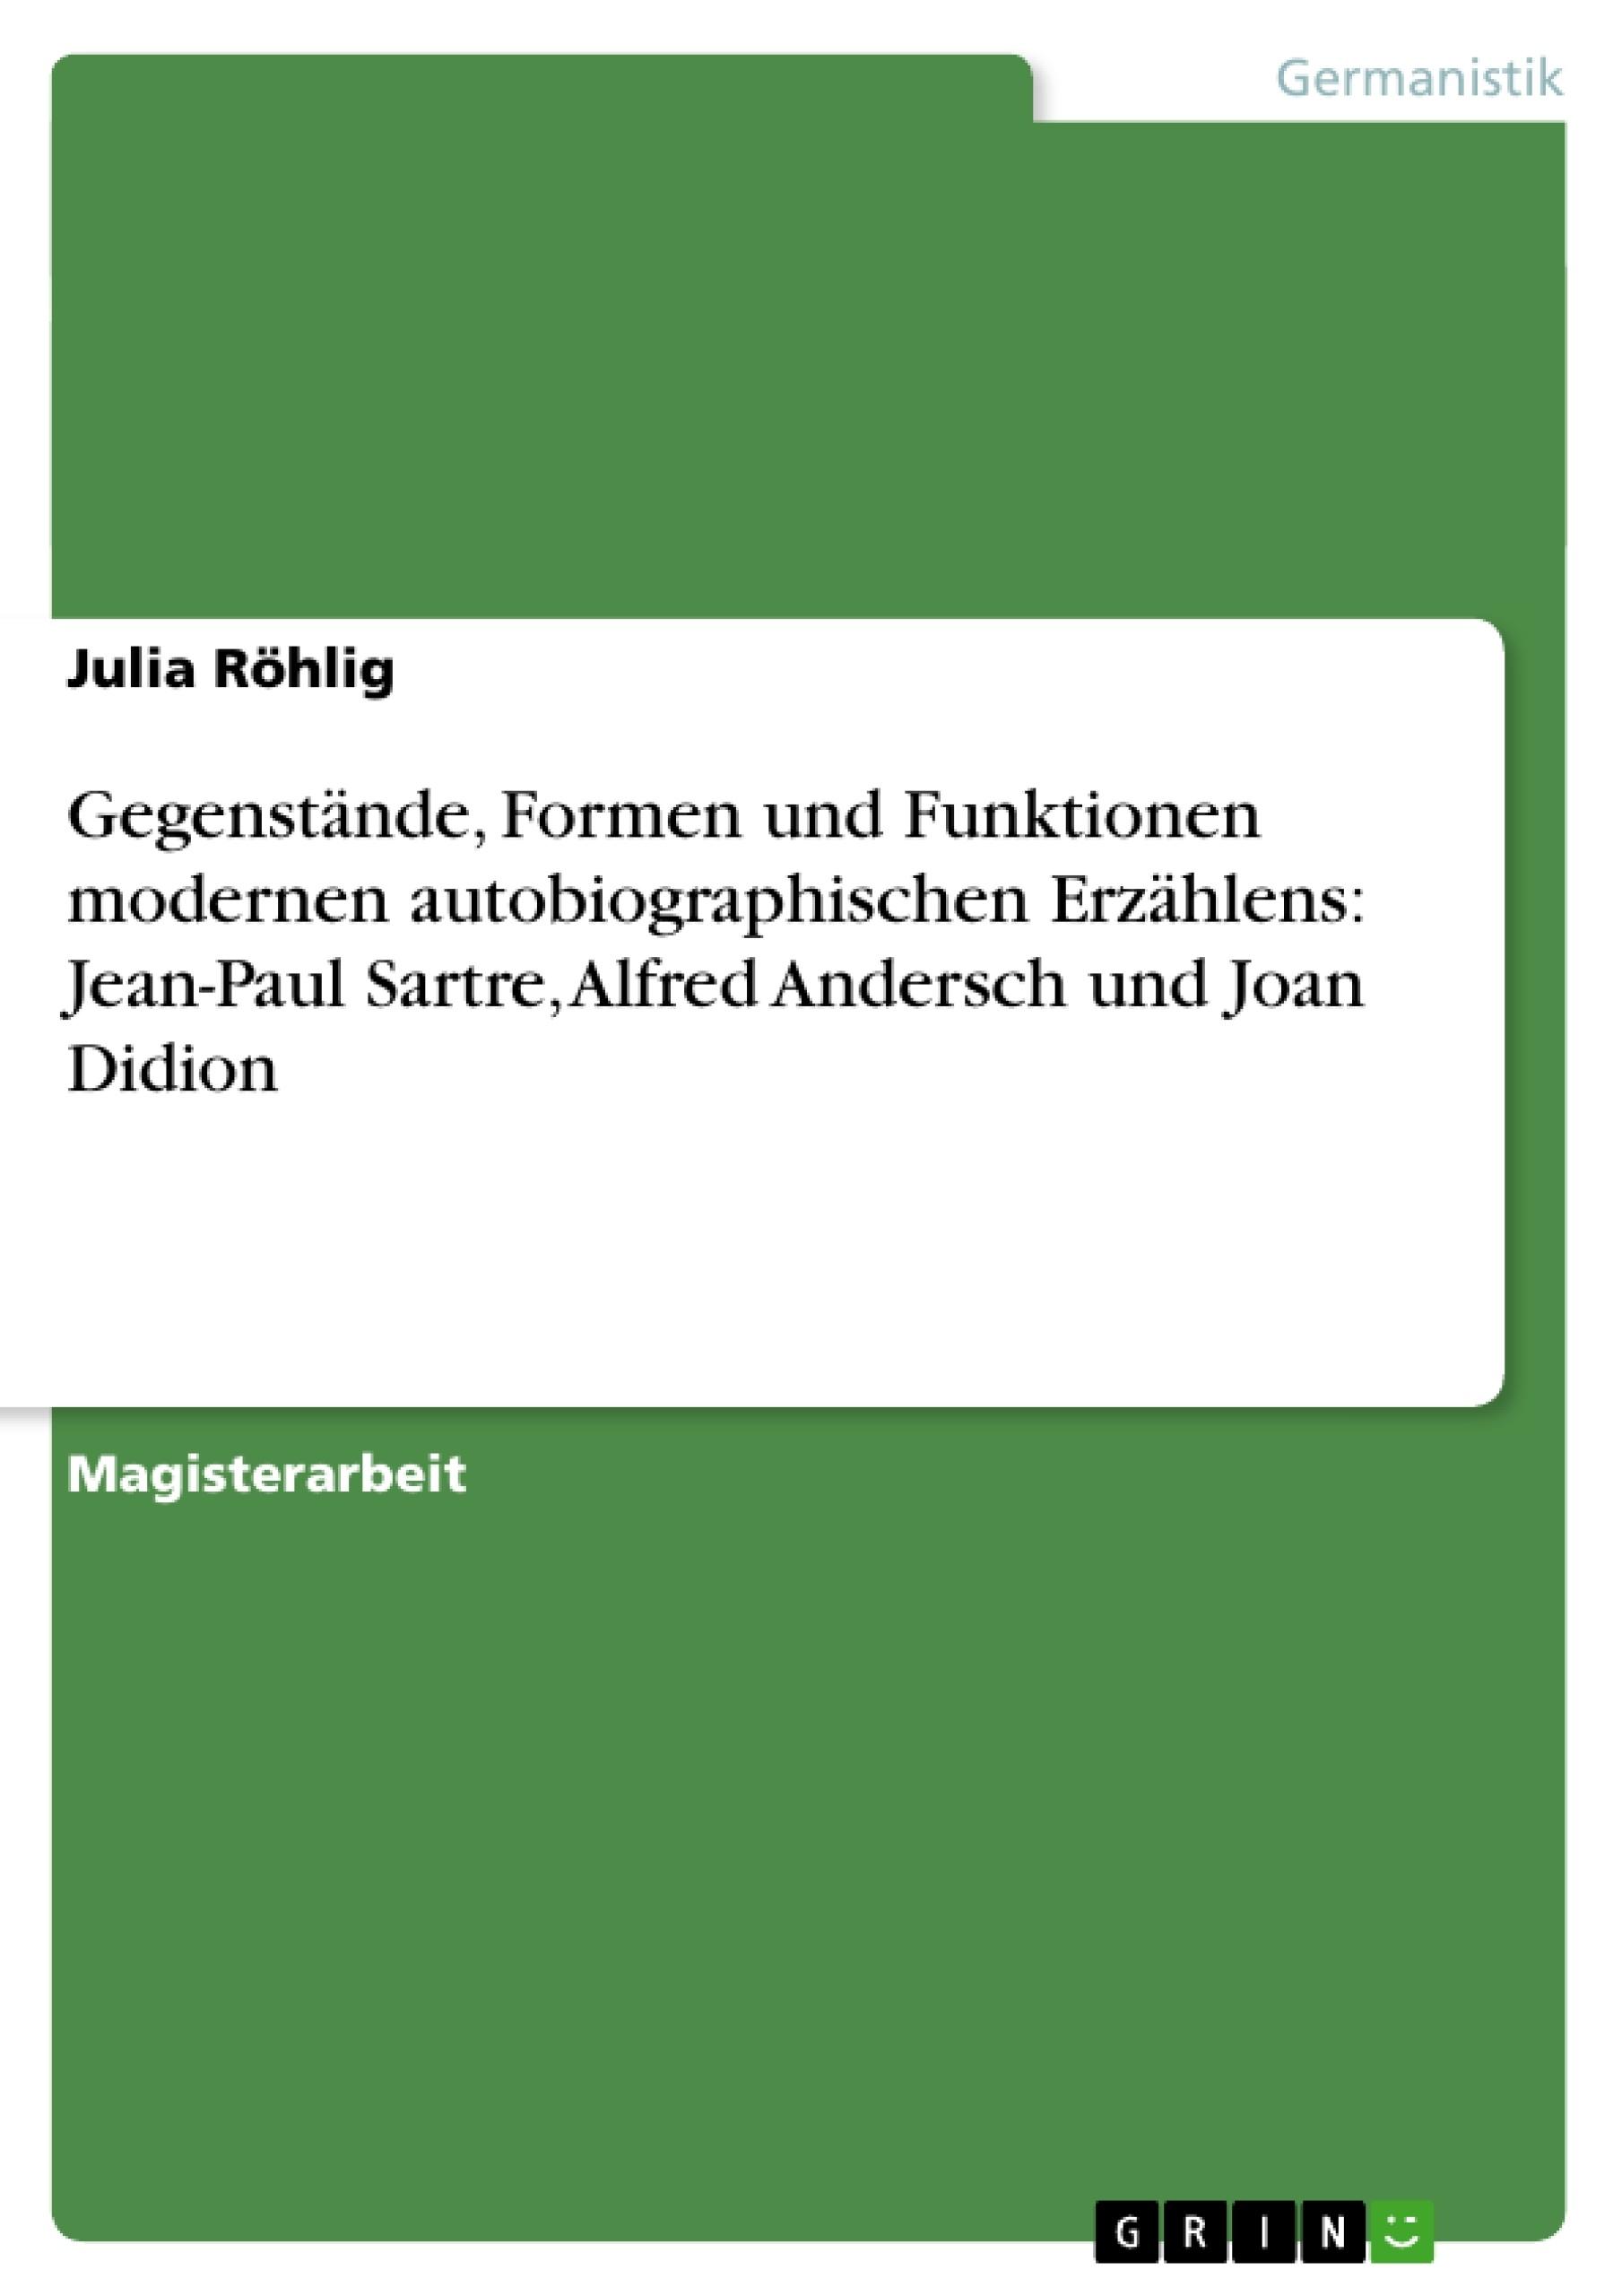 Titel: Gegenstände, Formen und Funktionen modernen autobiographischen Erzählens: Jean-Paul Sartre, Alfred Andersch und Joan Didion